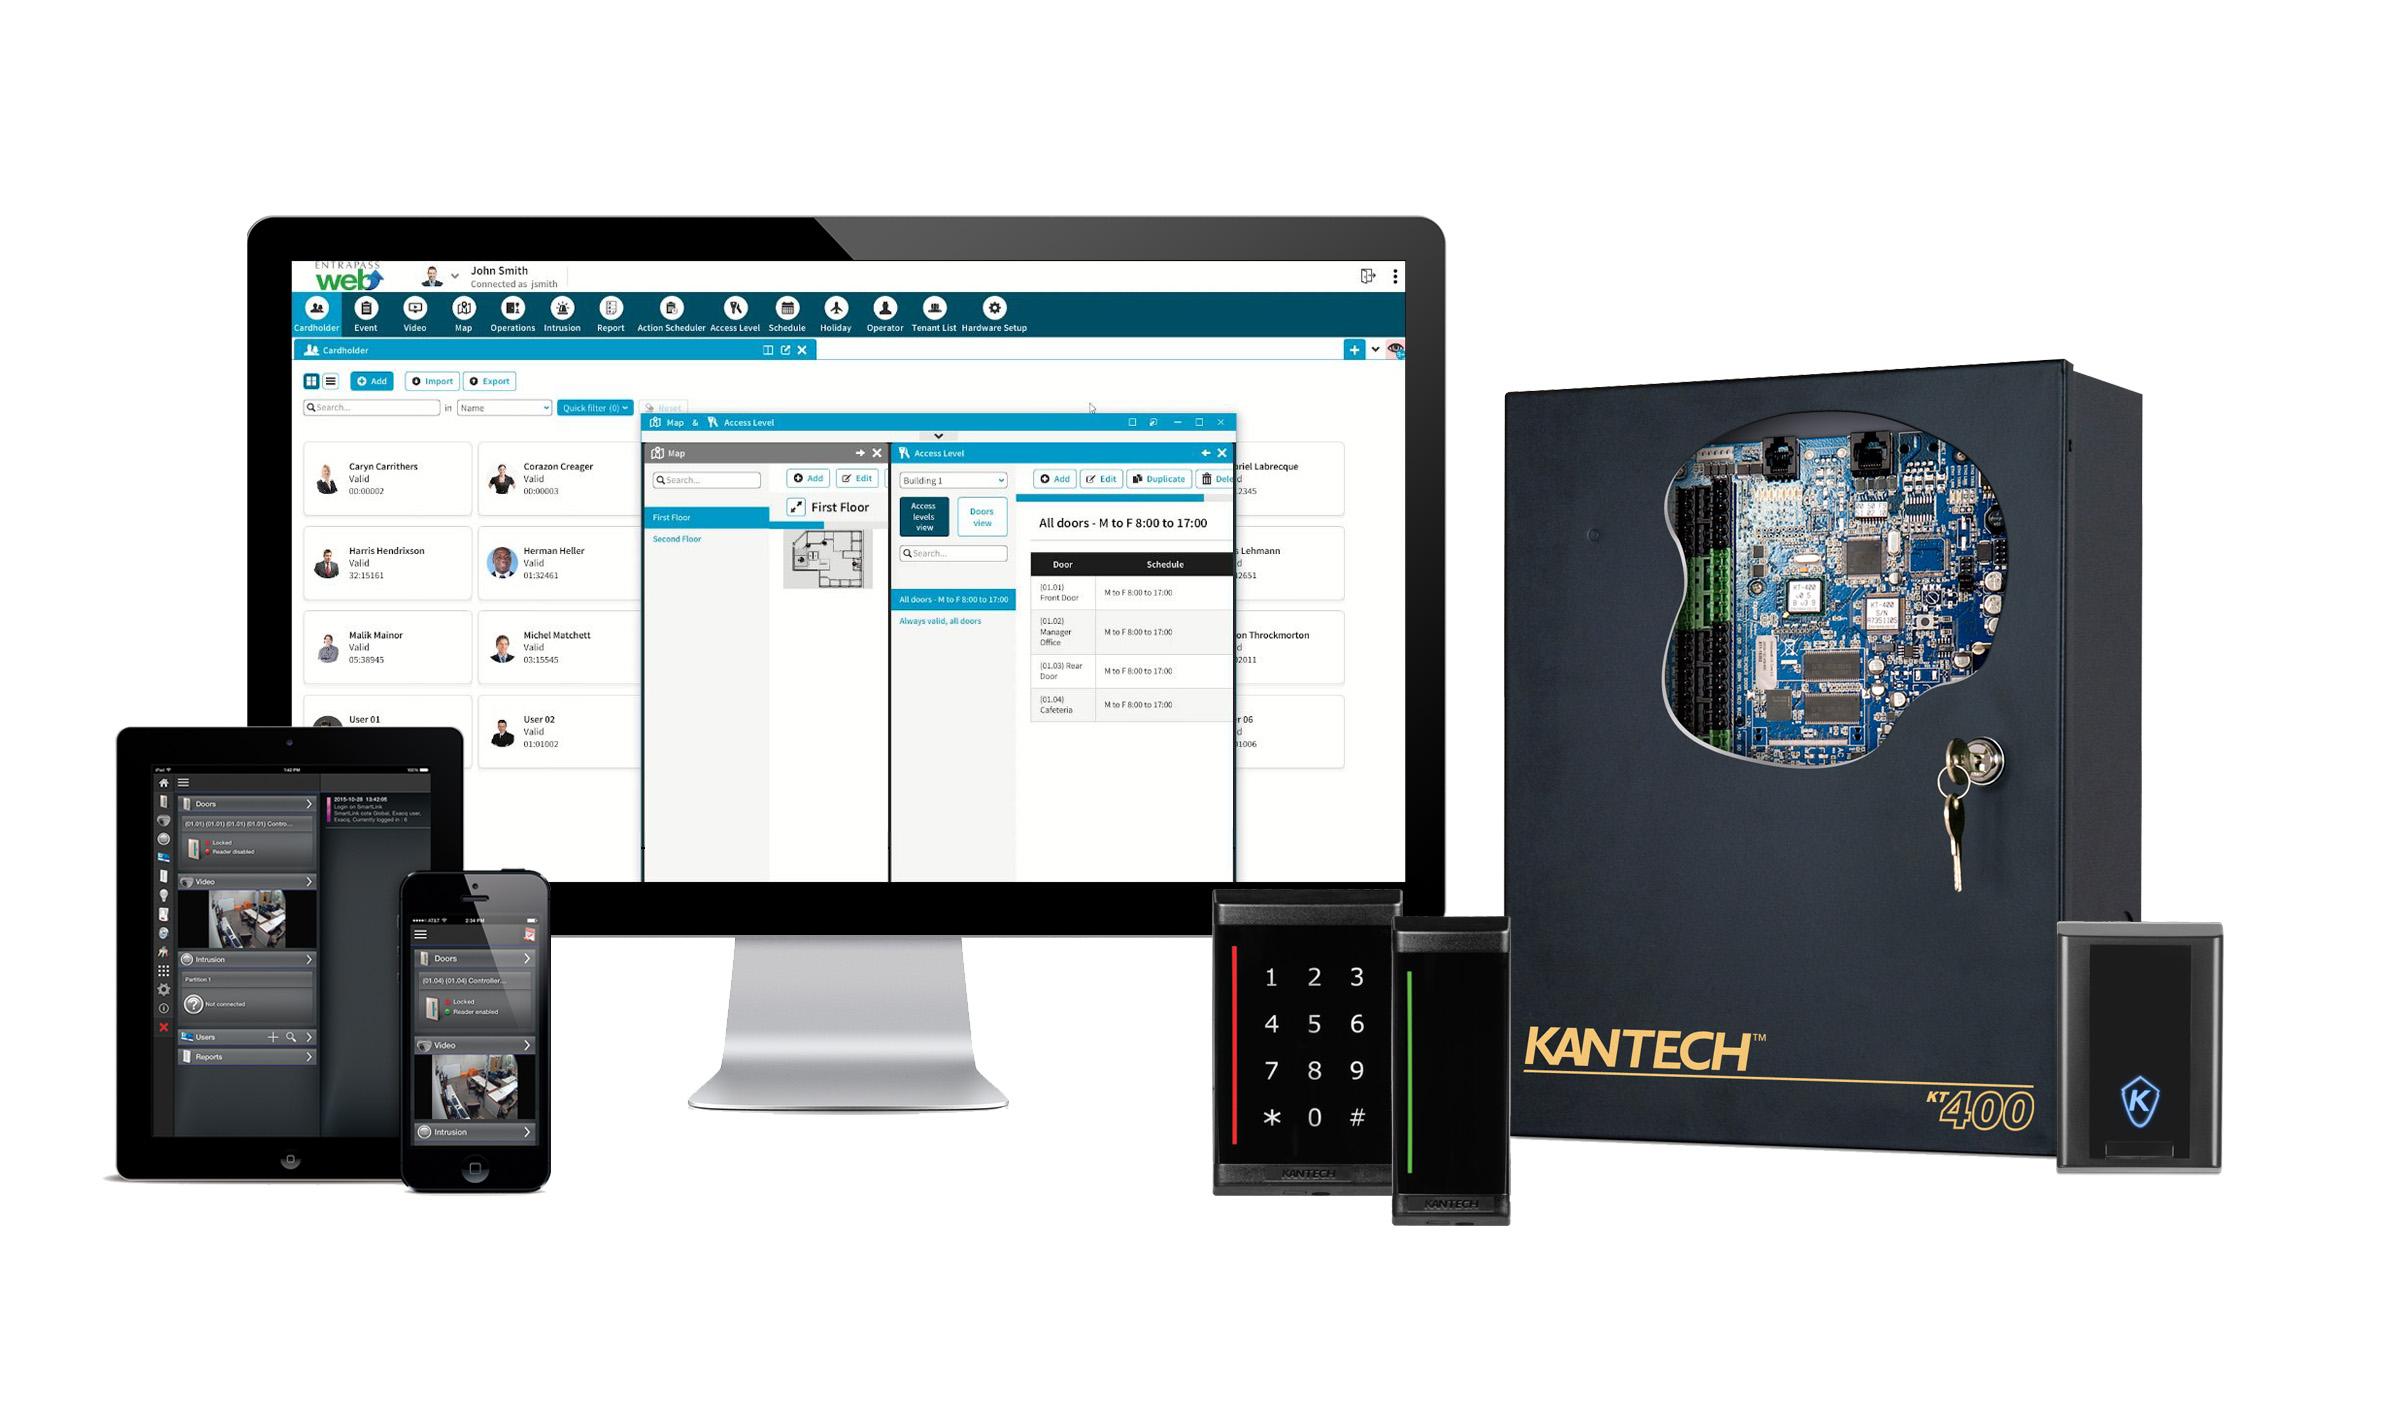 Access Control | Kantech Access Control on